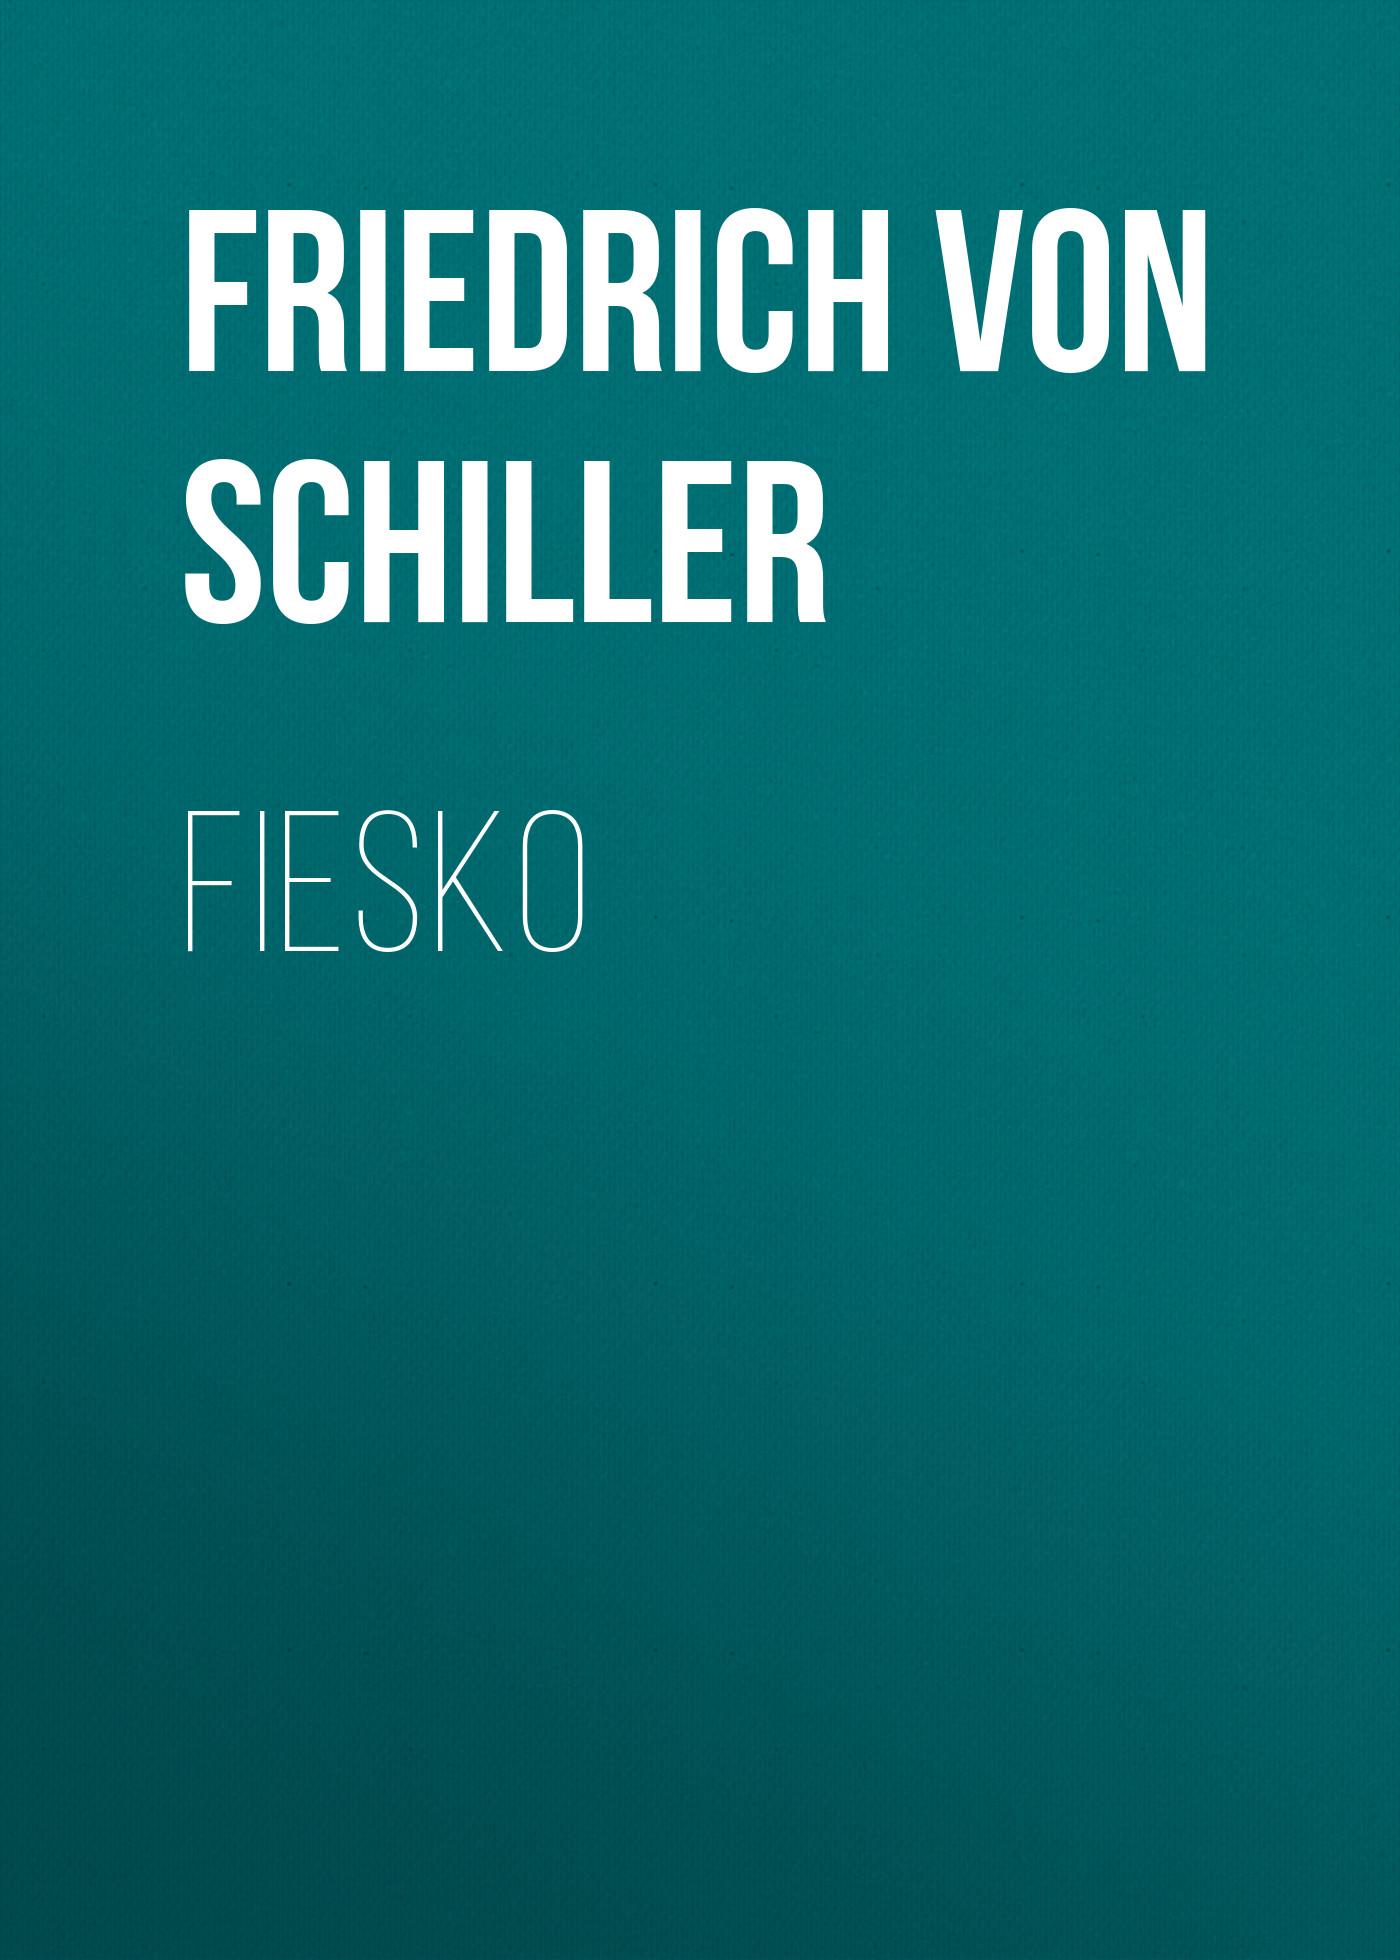 Friedrich von Schiller Fiesko friedrich von schiller gedichte